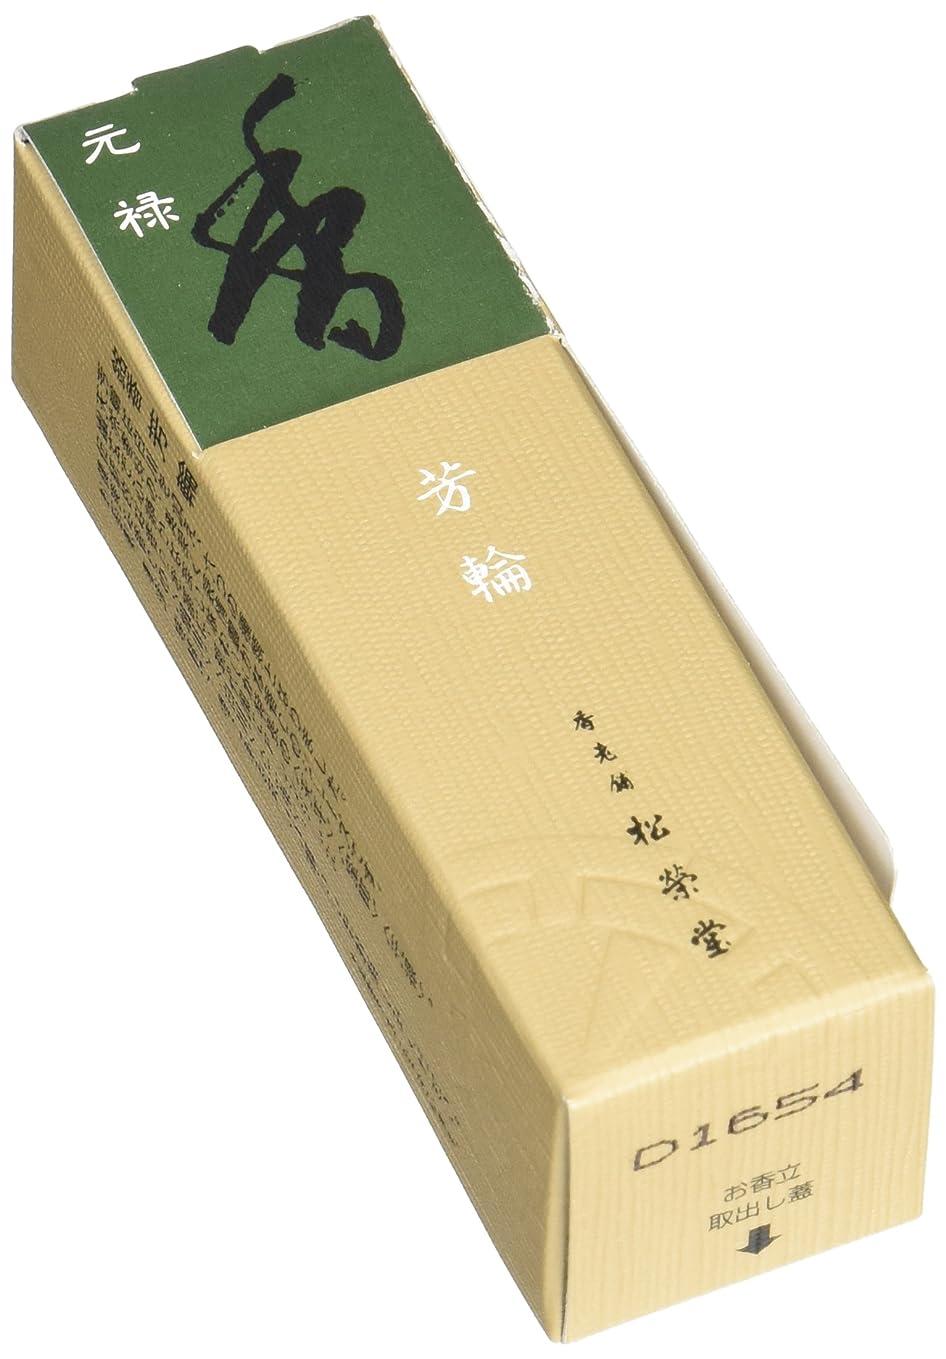 受け継ぐ絶望ファックス松栄堂のお香 芳輪元禄 ST20本入 簡易香立付 #210323